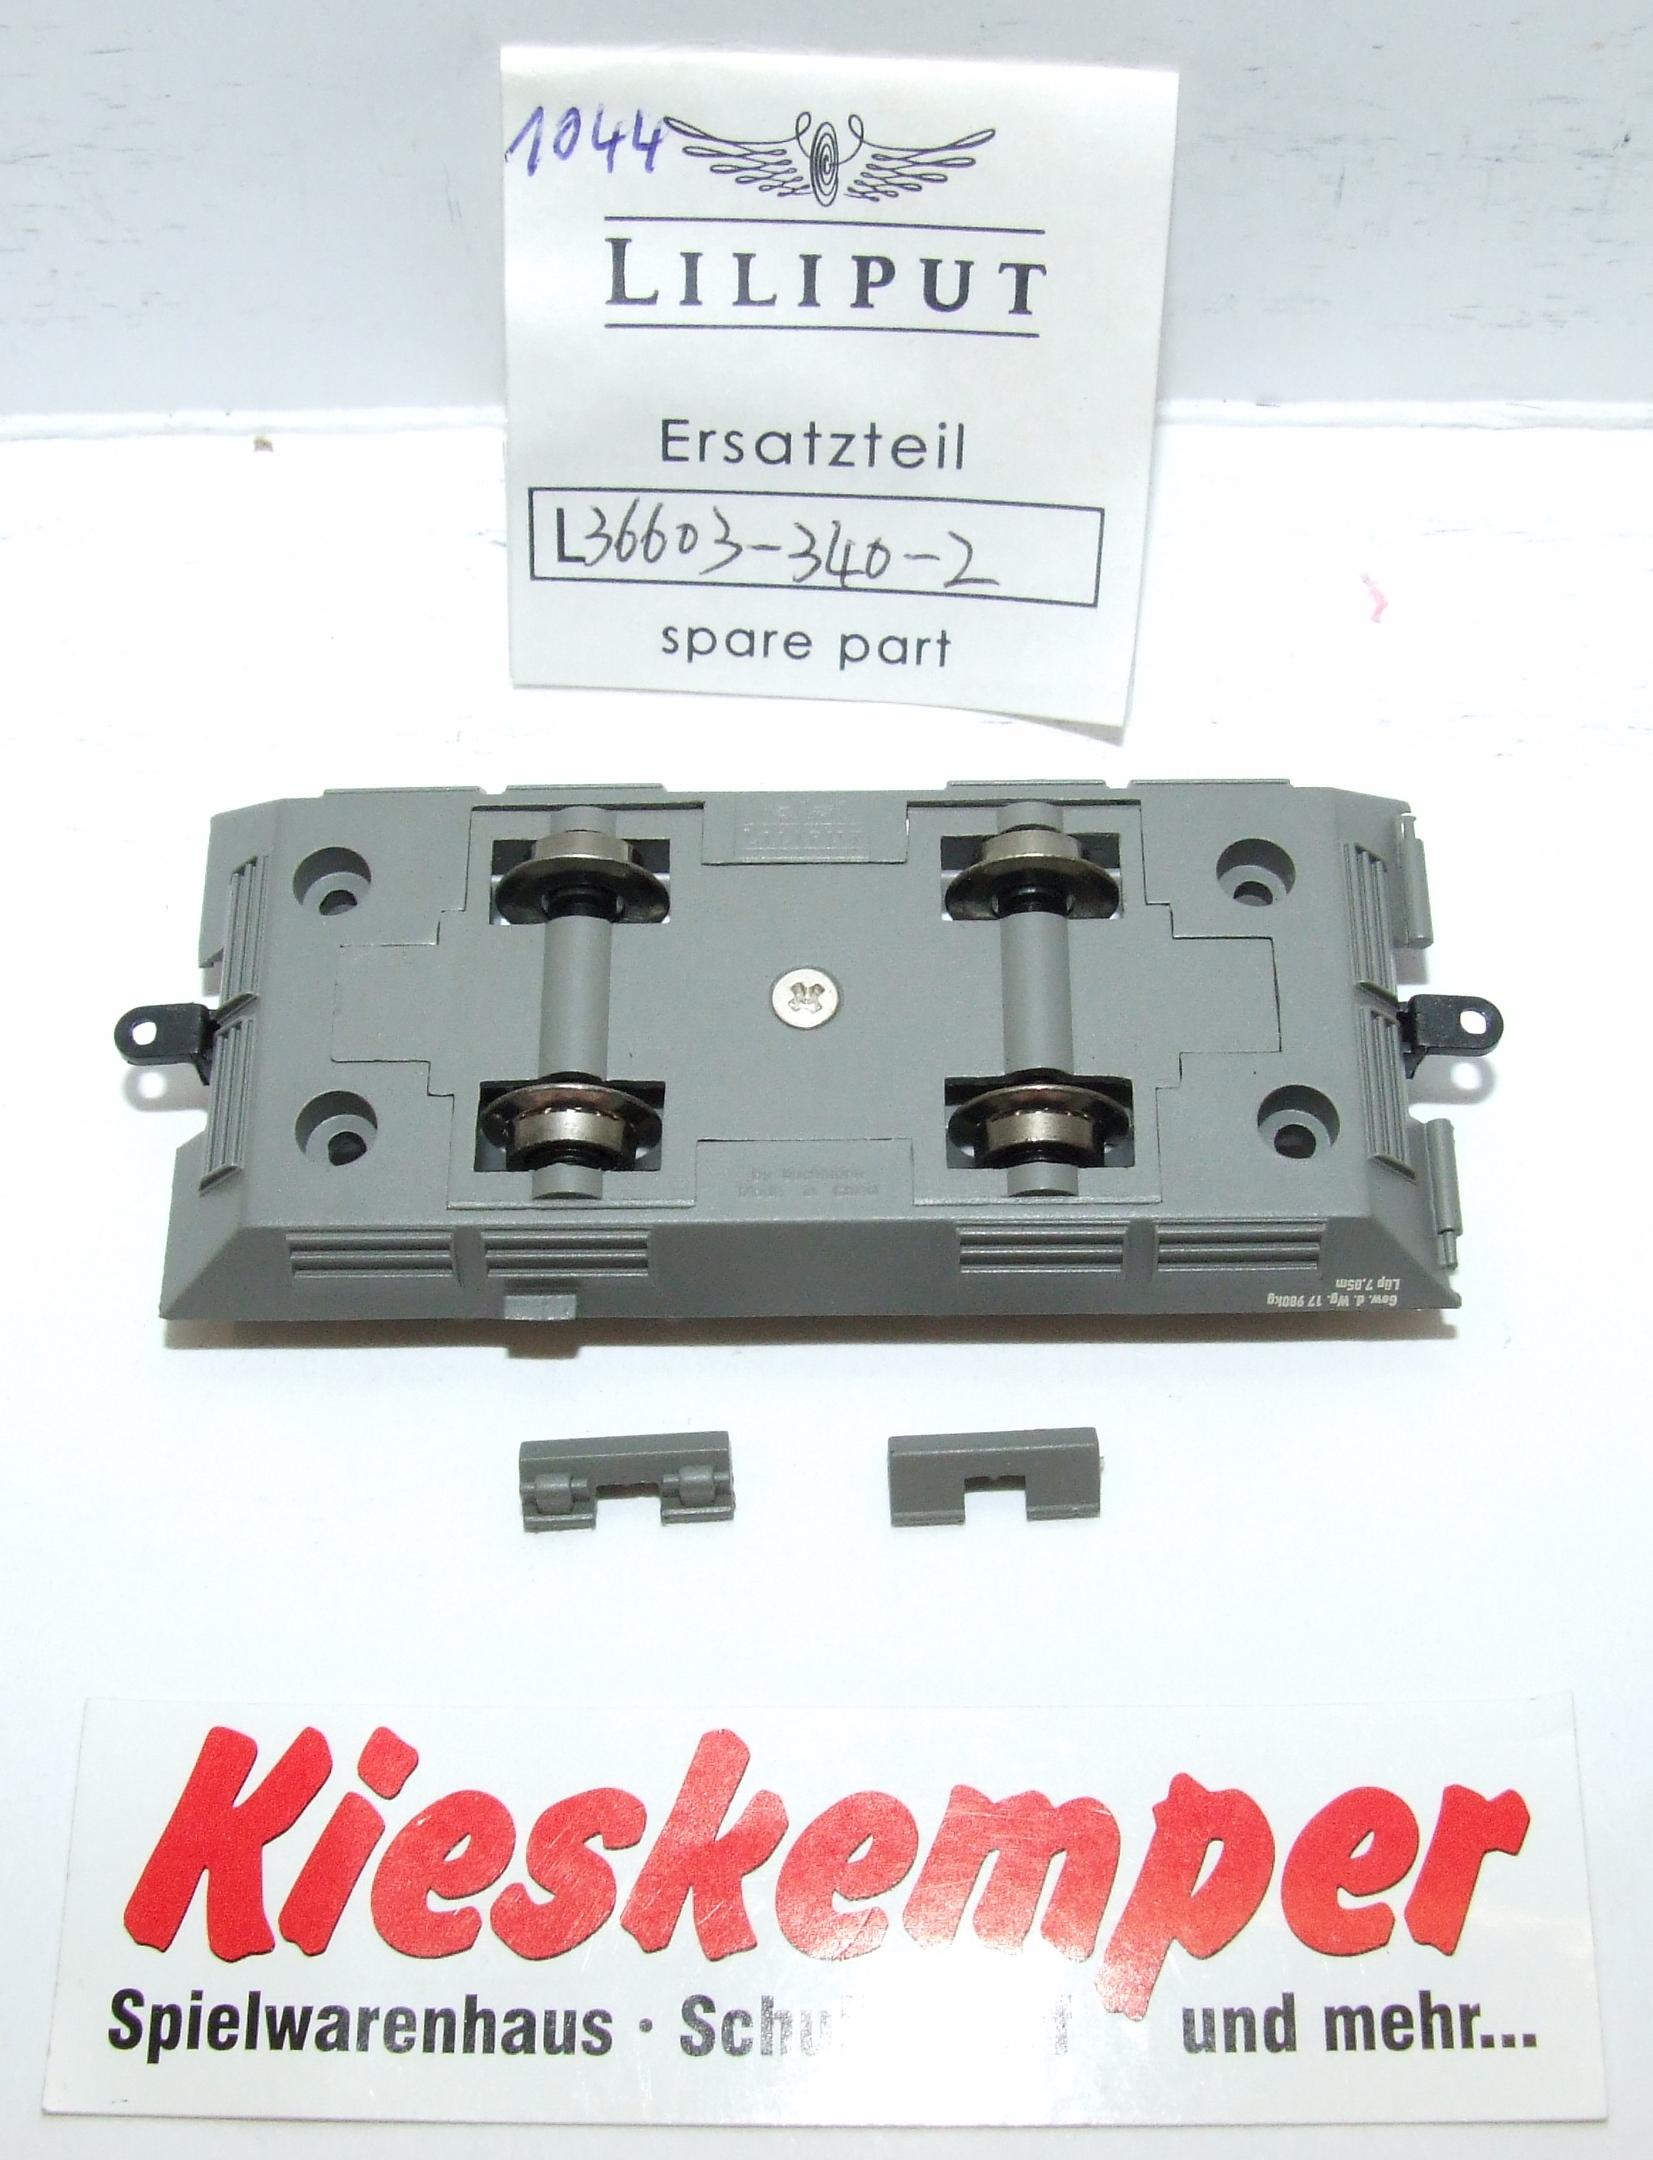 LO1044 Liliput H0 L 366033402 Fahrgestell grau DC Ersatzteil für Panzer Zug Wehrmacht